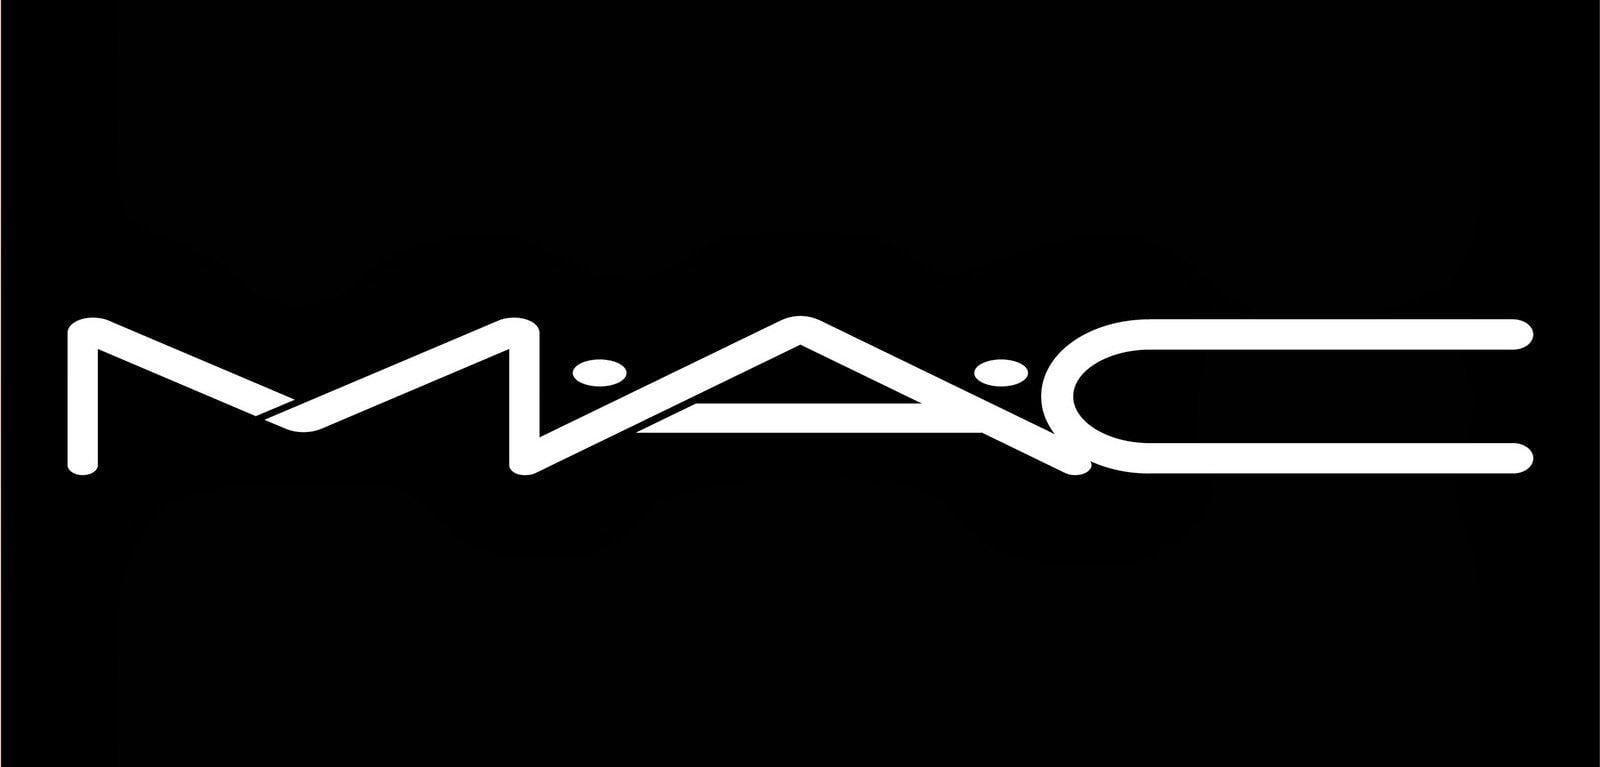 M.A.C là thương hiệu mỹ phẩm chuyên nghiệp nổi danh trên toàn thế giới. (nguồn: Internet)